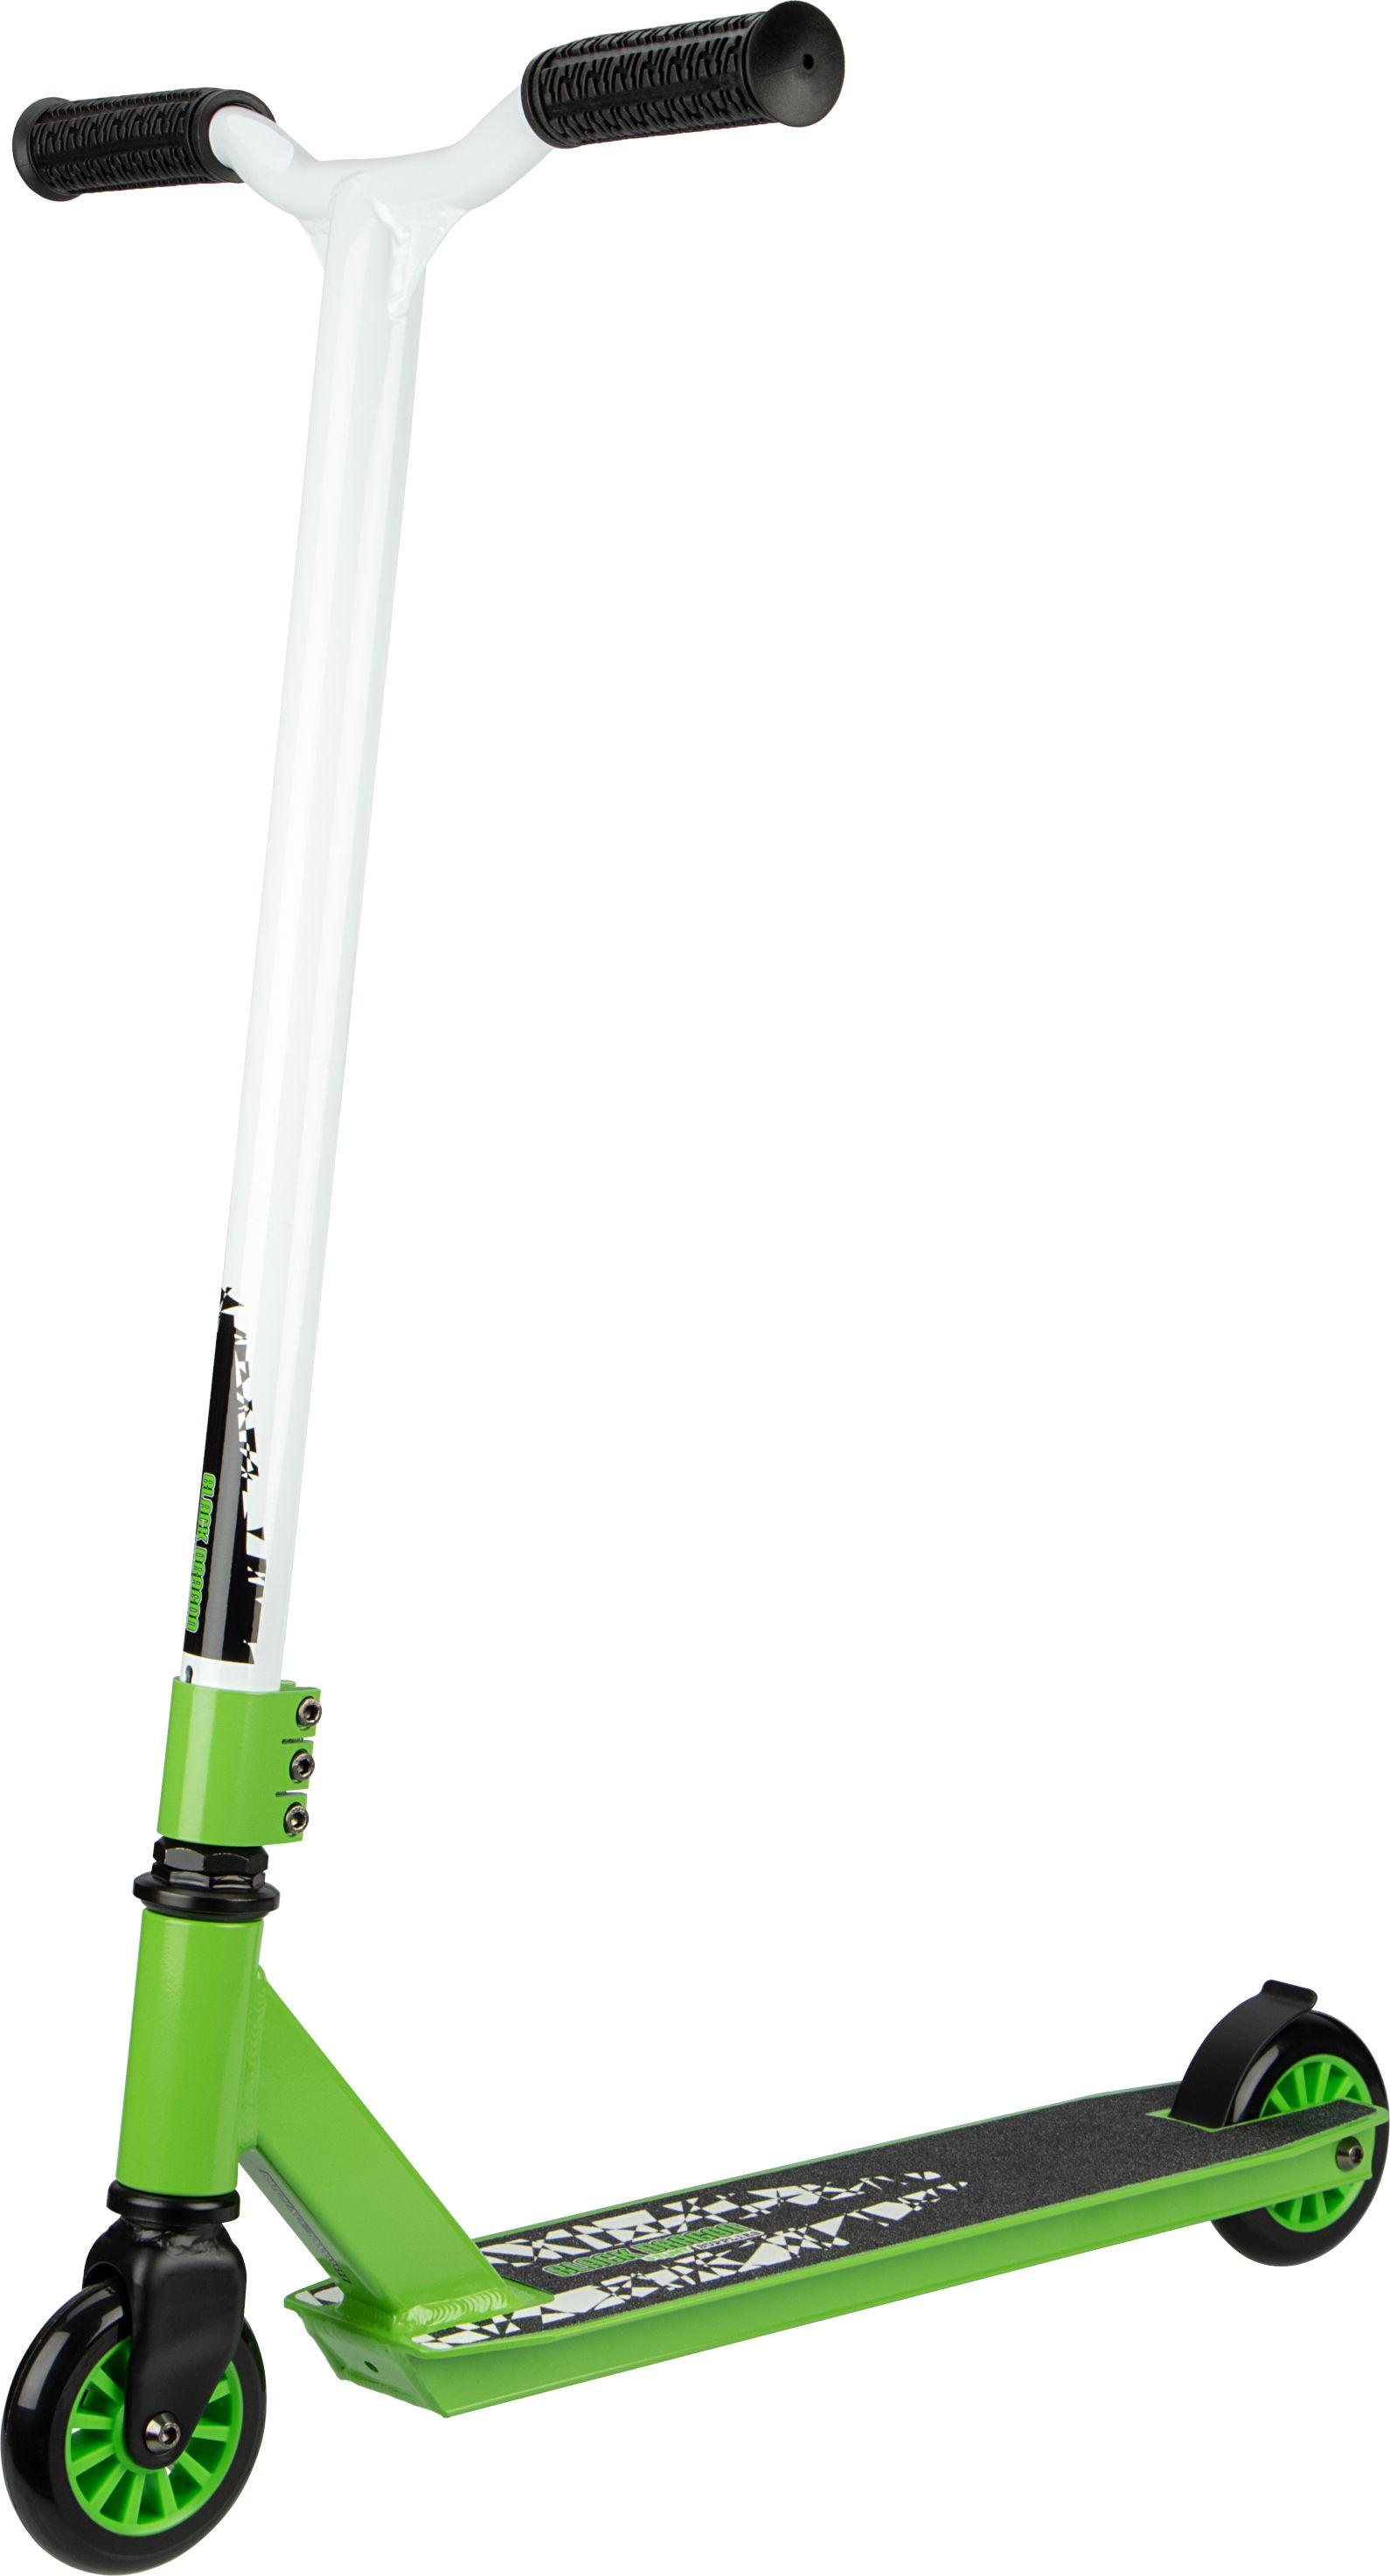 Stunt Scooter • Vert Racer •